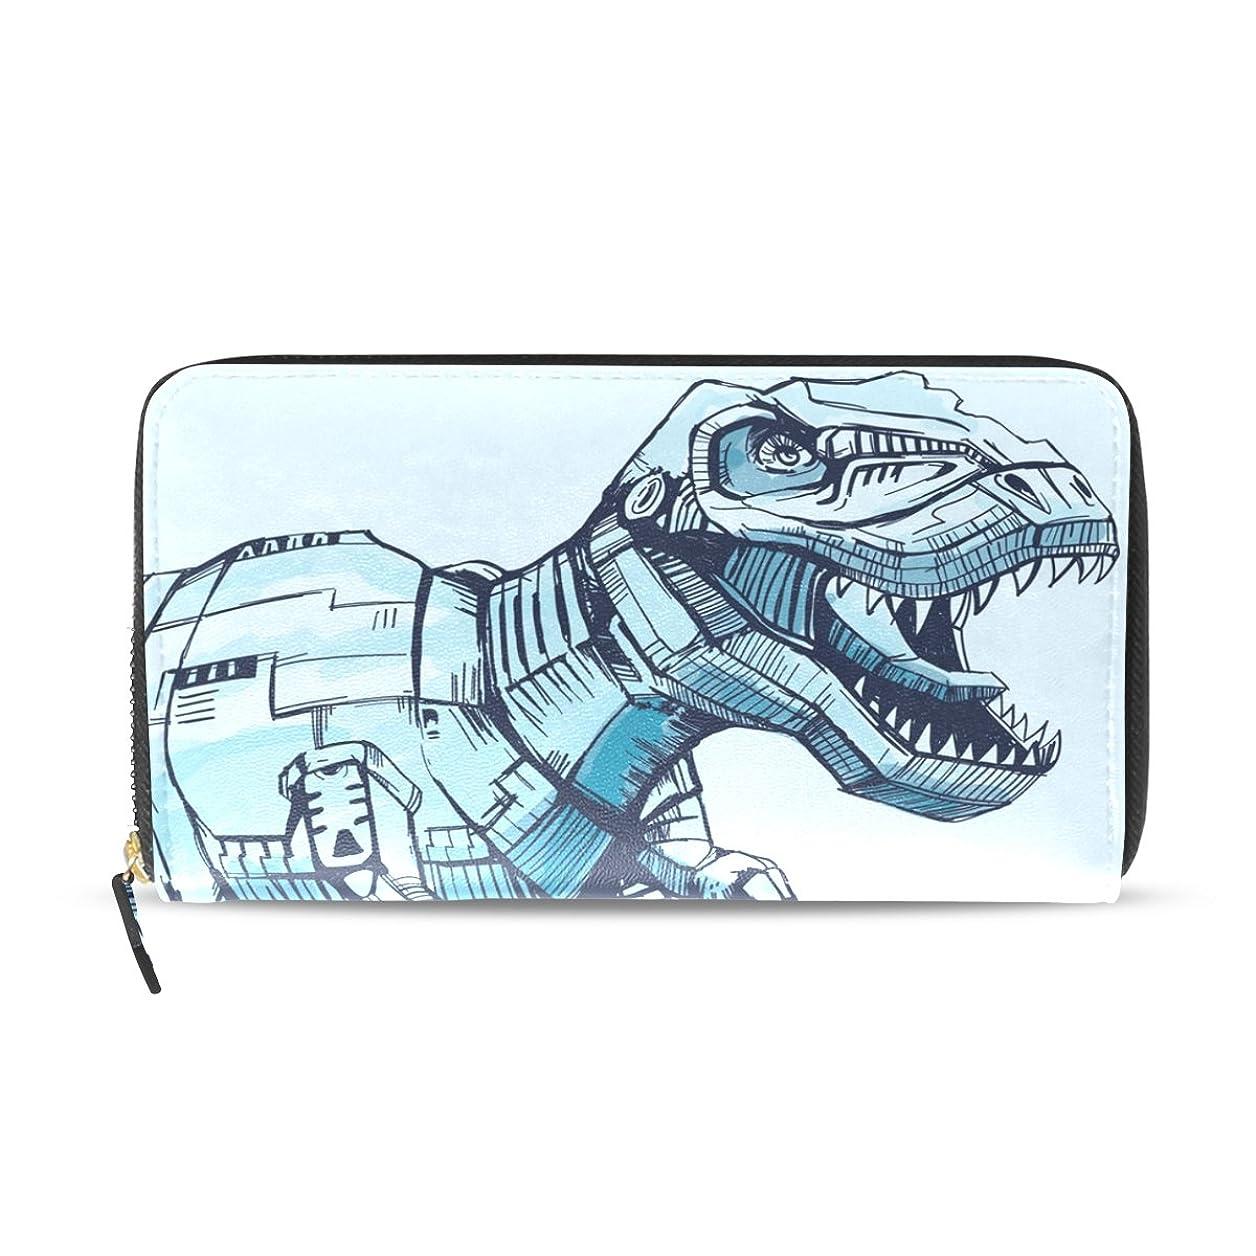 横マナー散文マキク(MAKIKU) 長財布 レディース 大容量 革 レザー ラウンドファスナー おしゃれ カード12枚収納 プレゼント対応 恐竜 かわいい ブルー